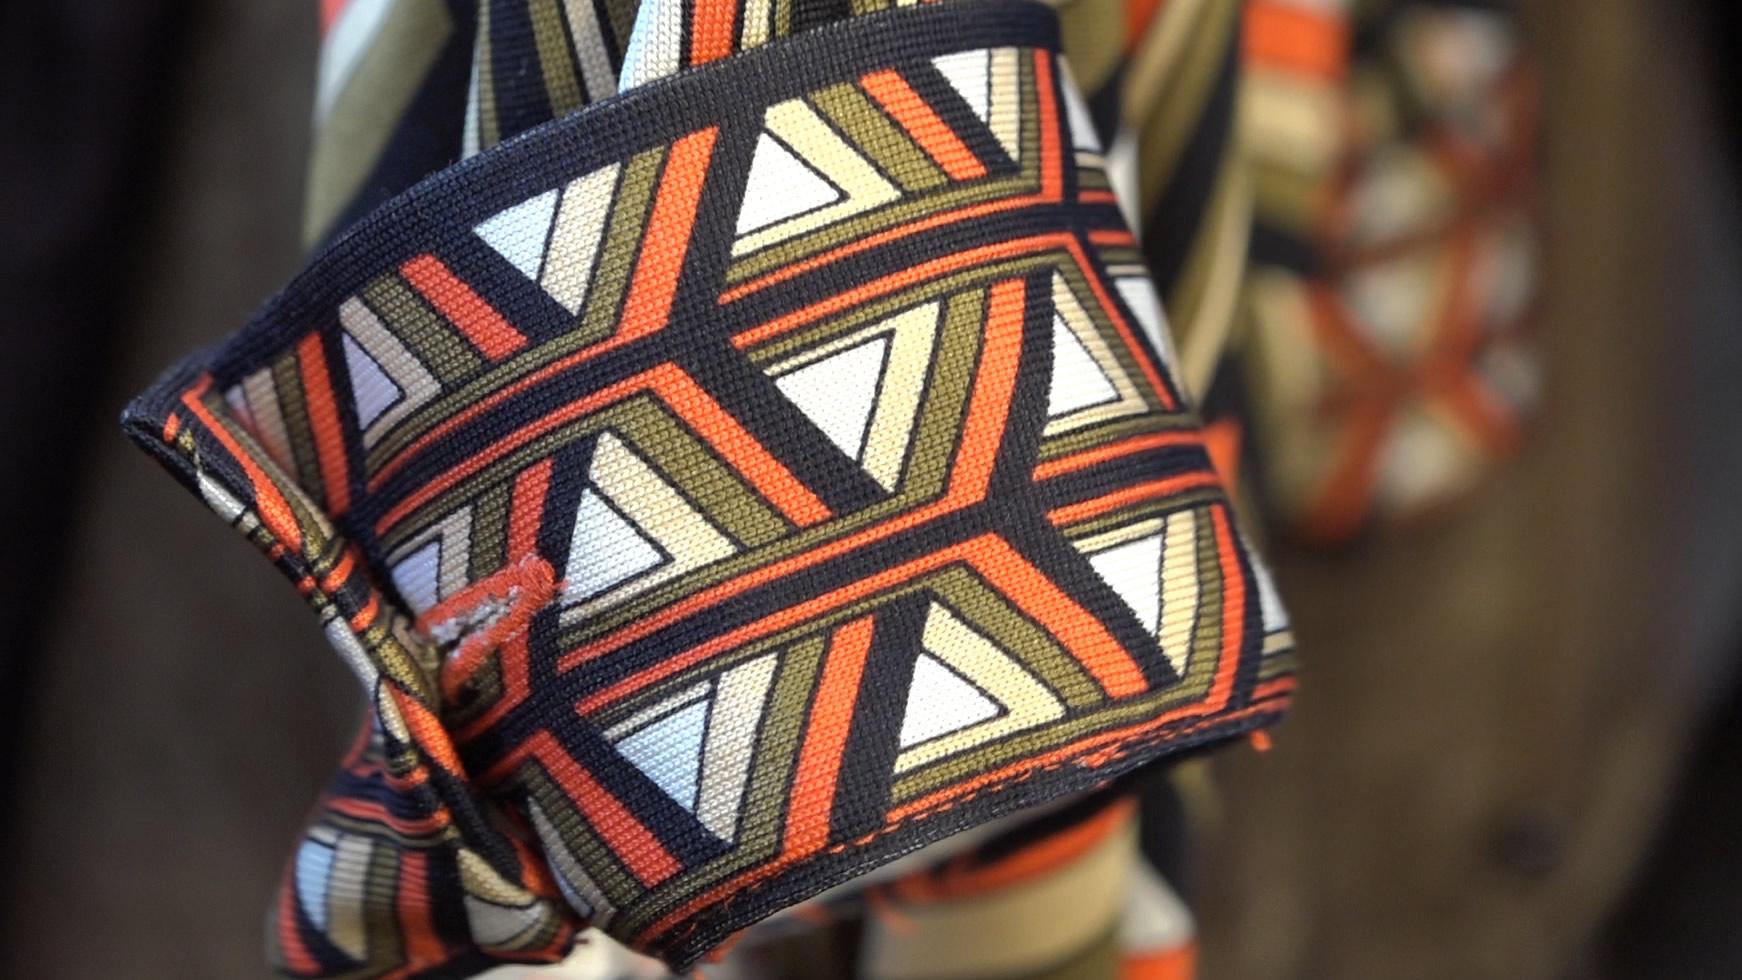 022 Dressmakers Sleave Orange.jpg